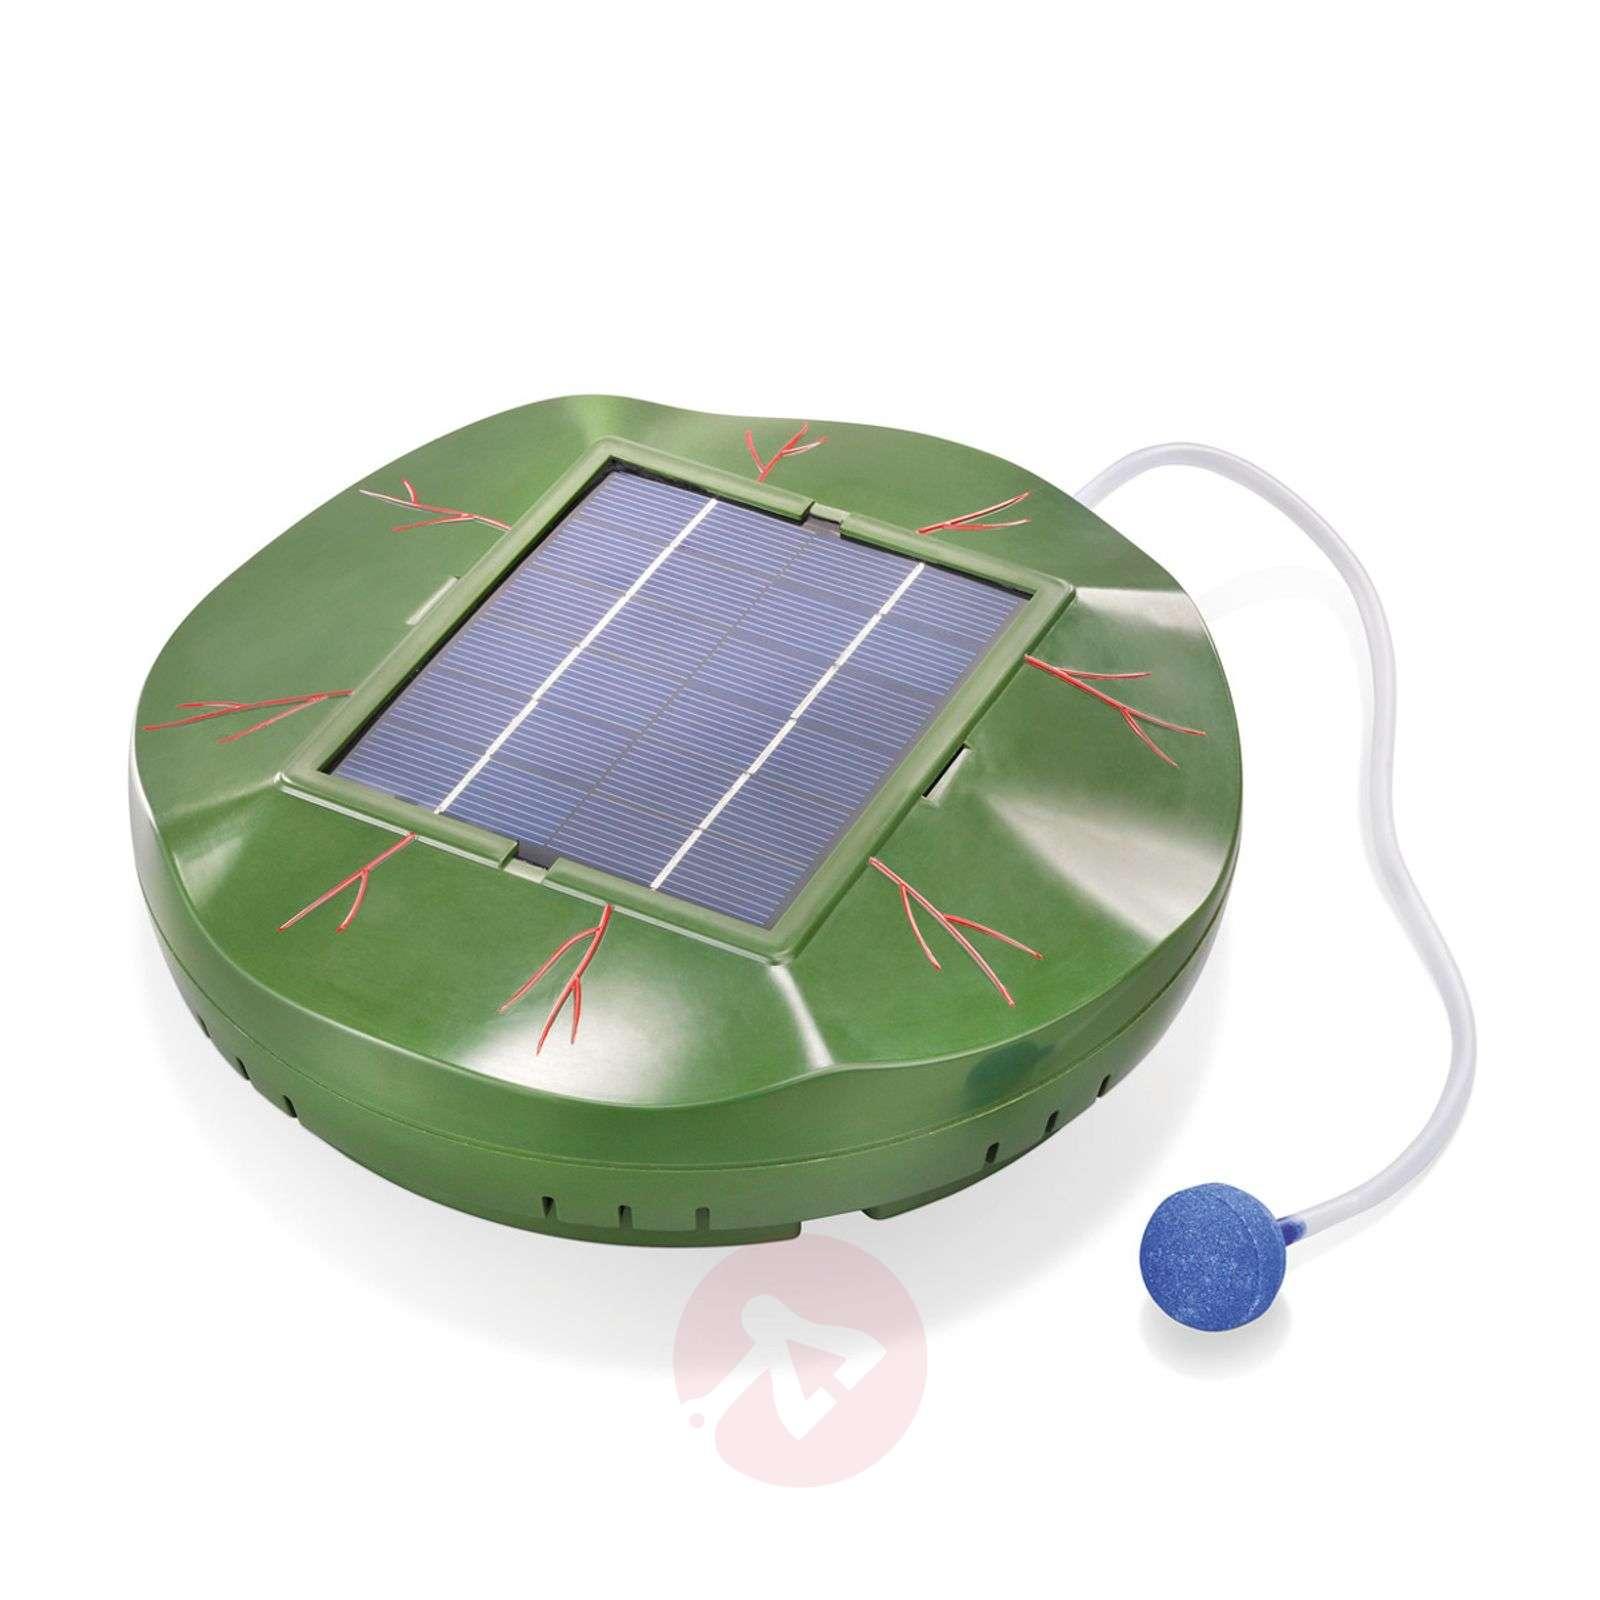 Aurinkokäyttöinen lampi-ilmastin Floating Air-3012528-01